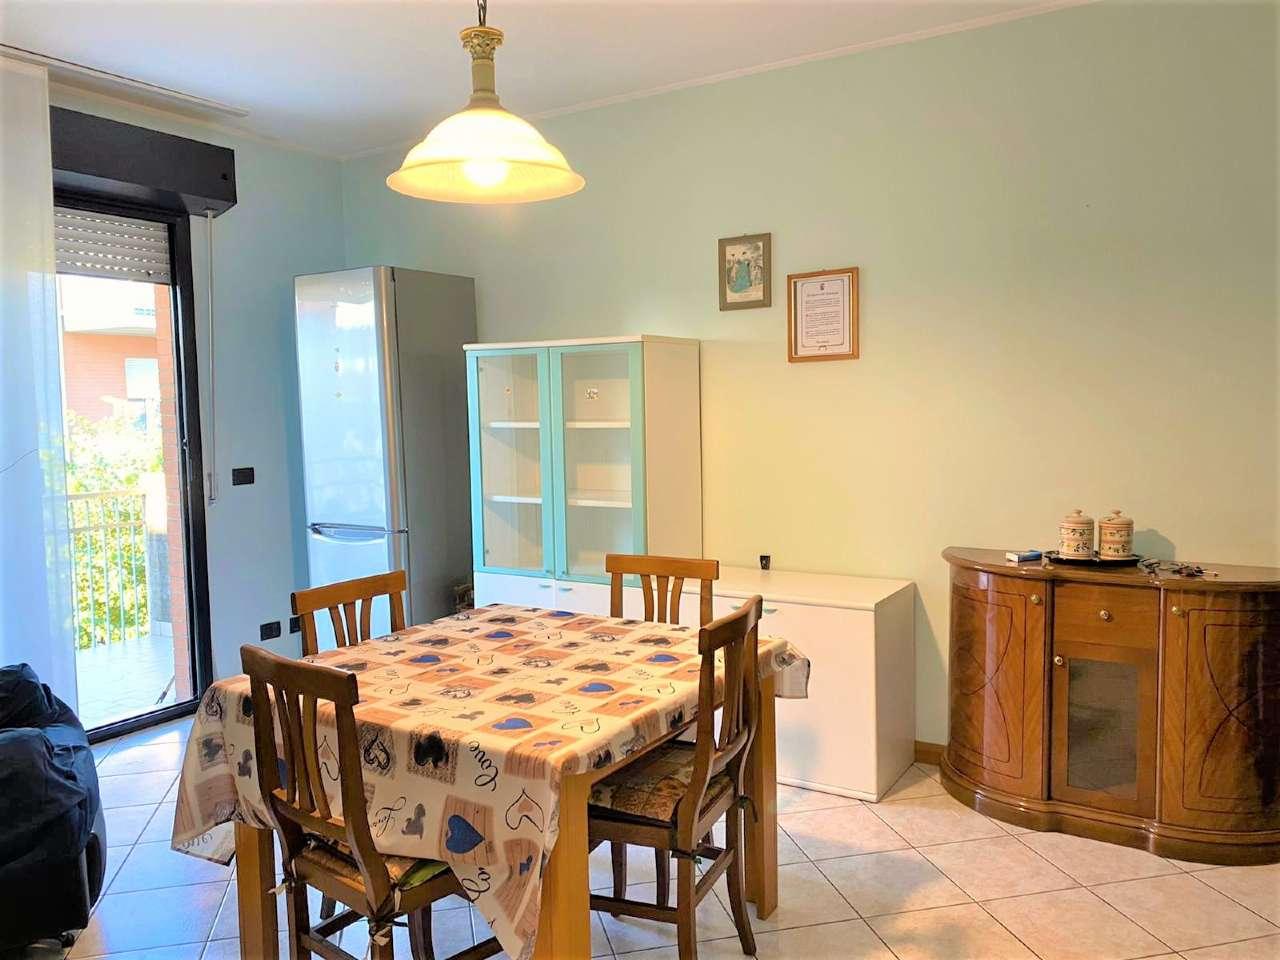 Appartamento in vendita a Bellaria Igea Marina, 3 locali, prezzo € 160.000   PortaleAgenzieImmobiliari.it